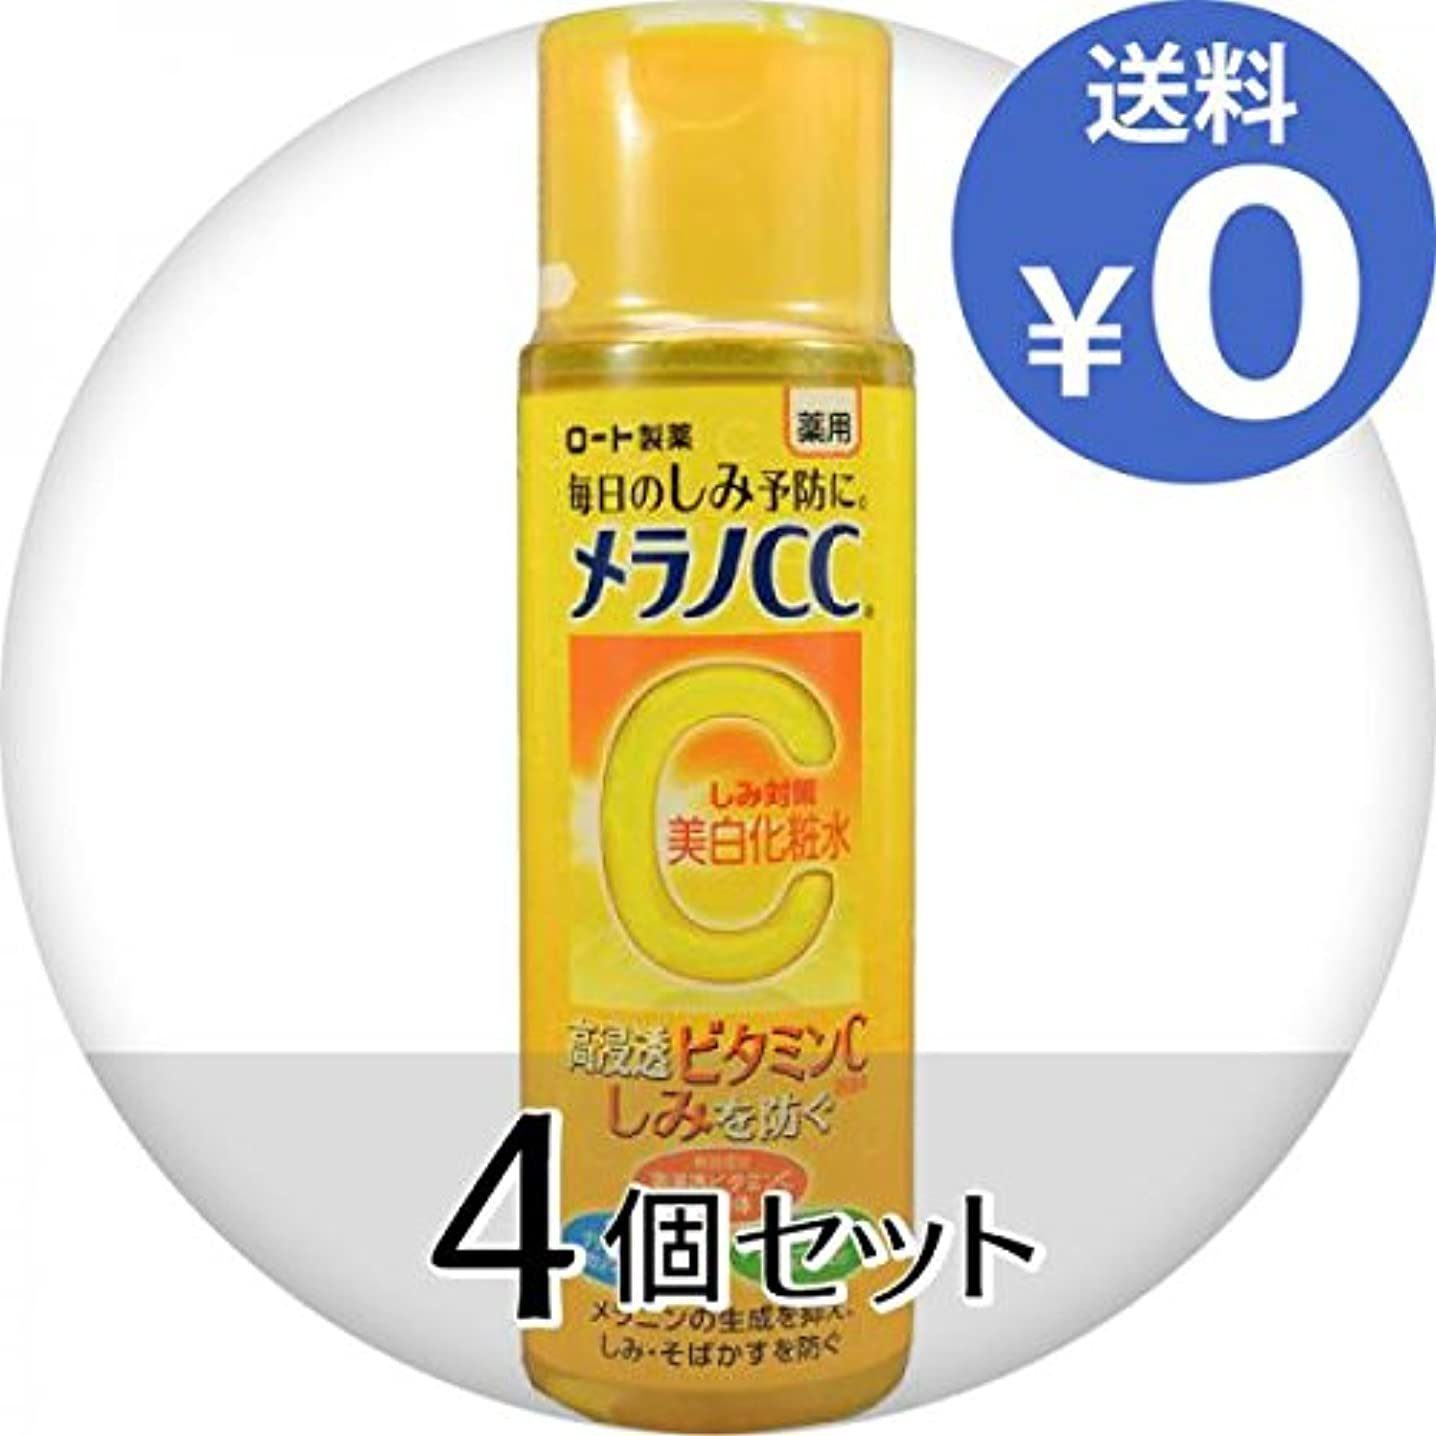 足音汚染香ばしい【セット品】メラノCC 薬用しみ対策 美白化粧水 170mL (医薬部外品) (4個)